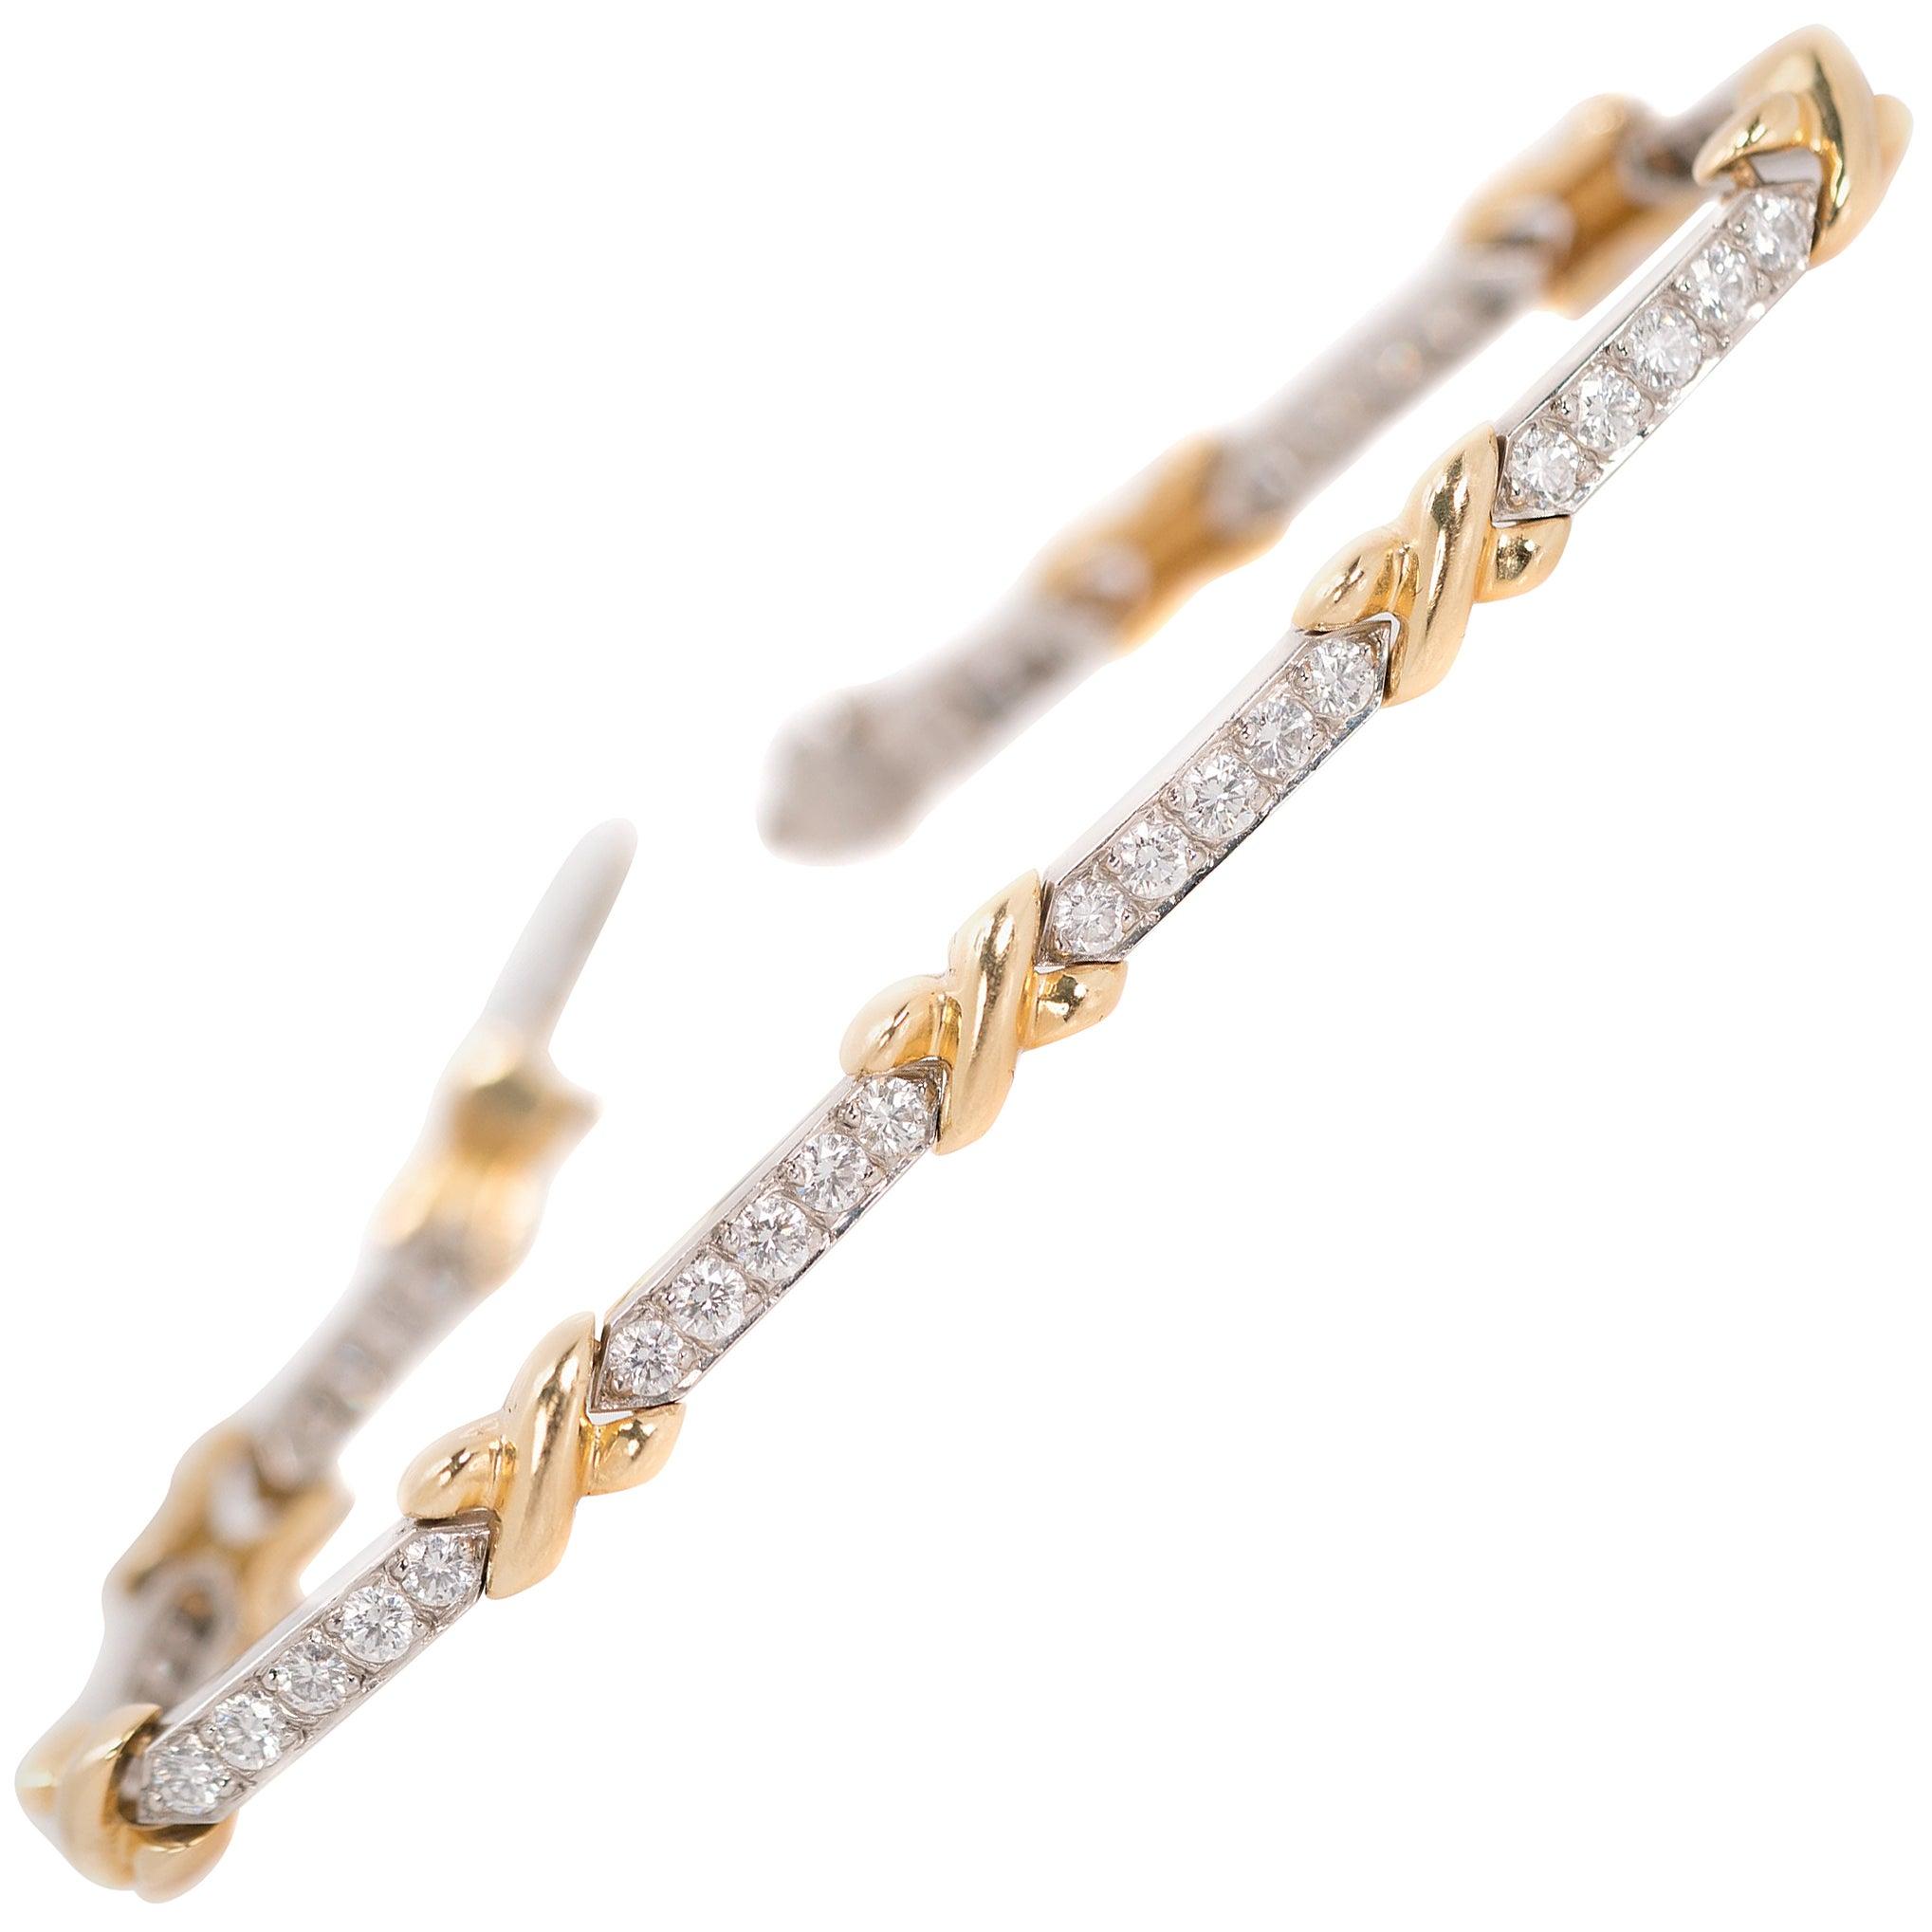 4 Carat Diamond, Platinum and 18 Karat Yellow Gold Link Bracelet